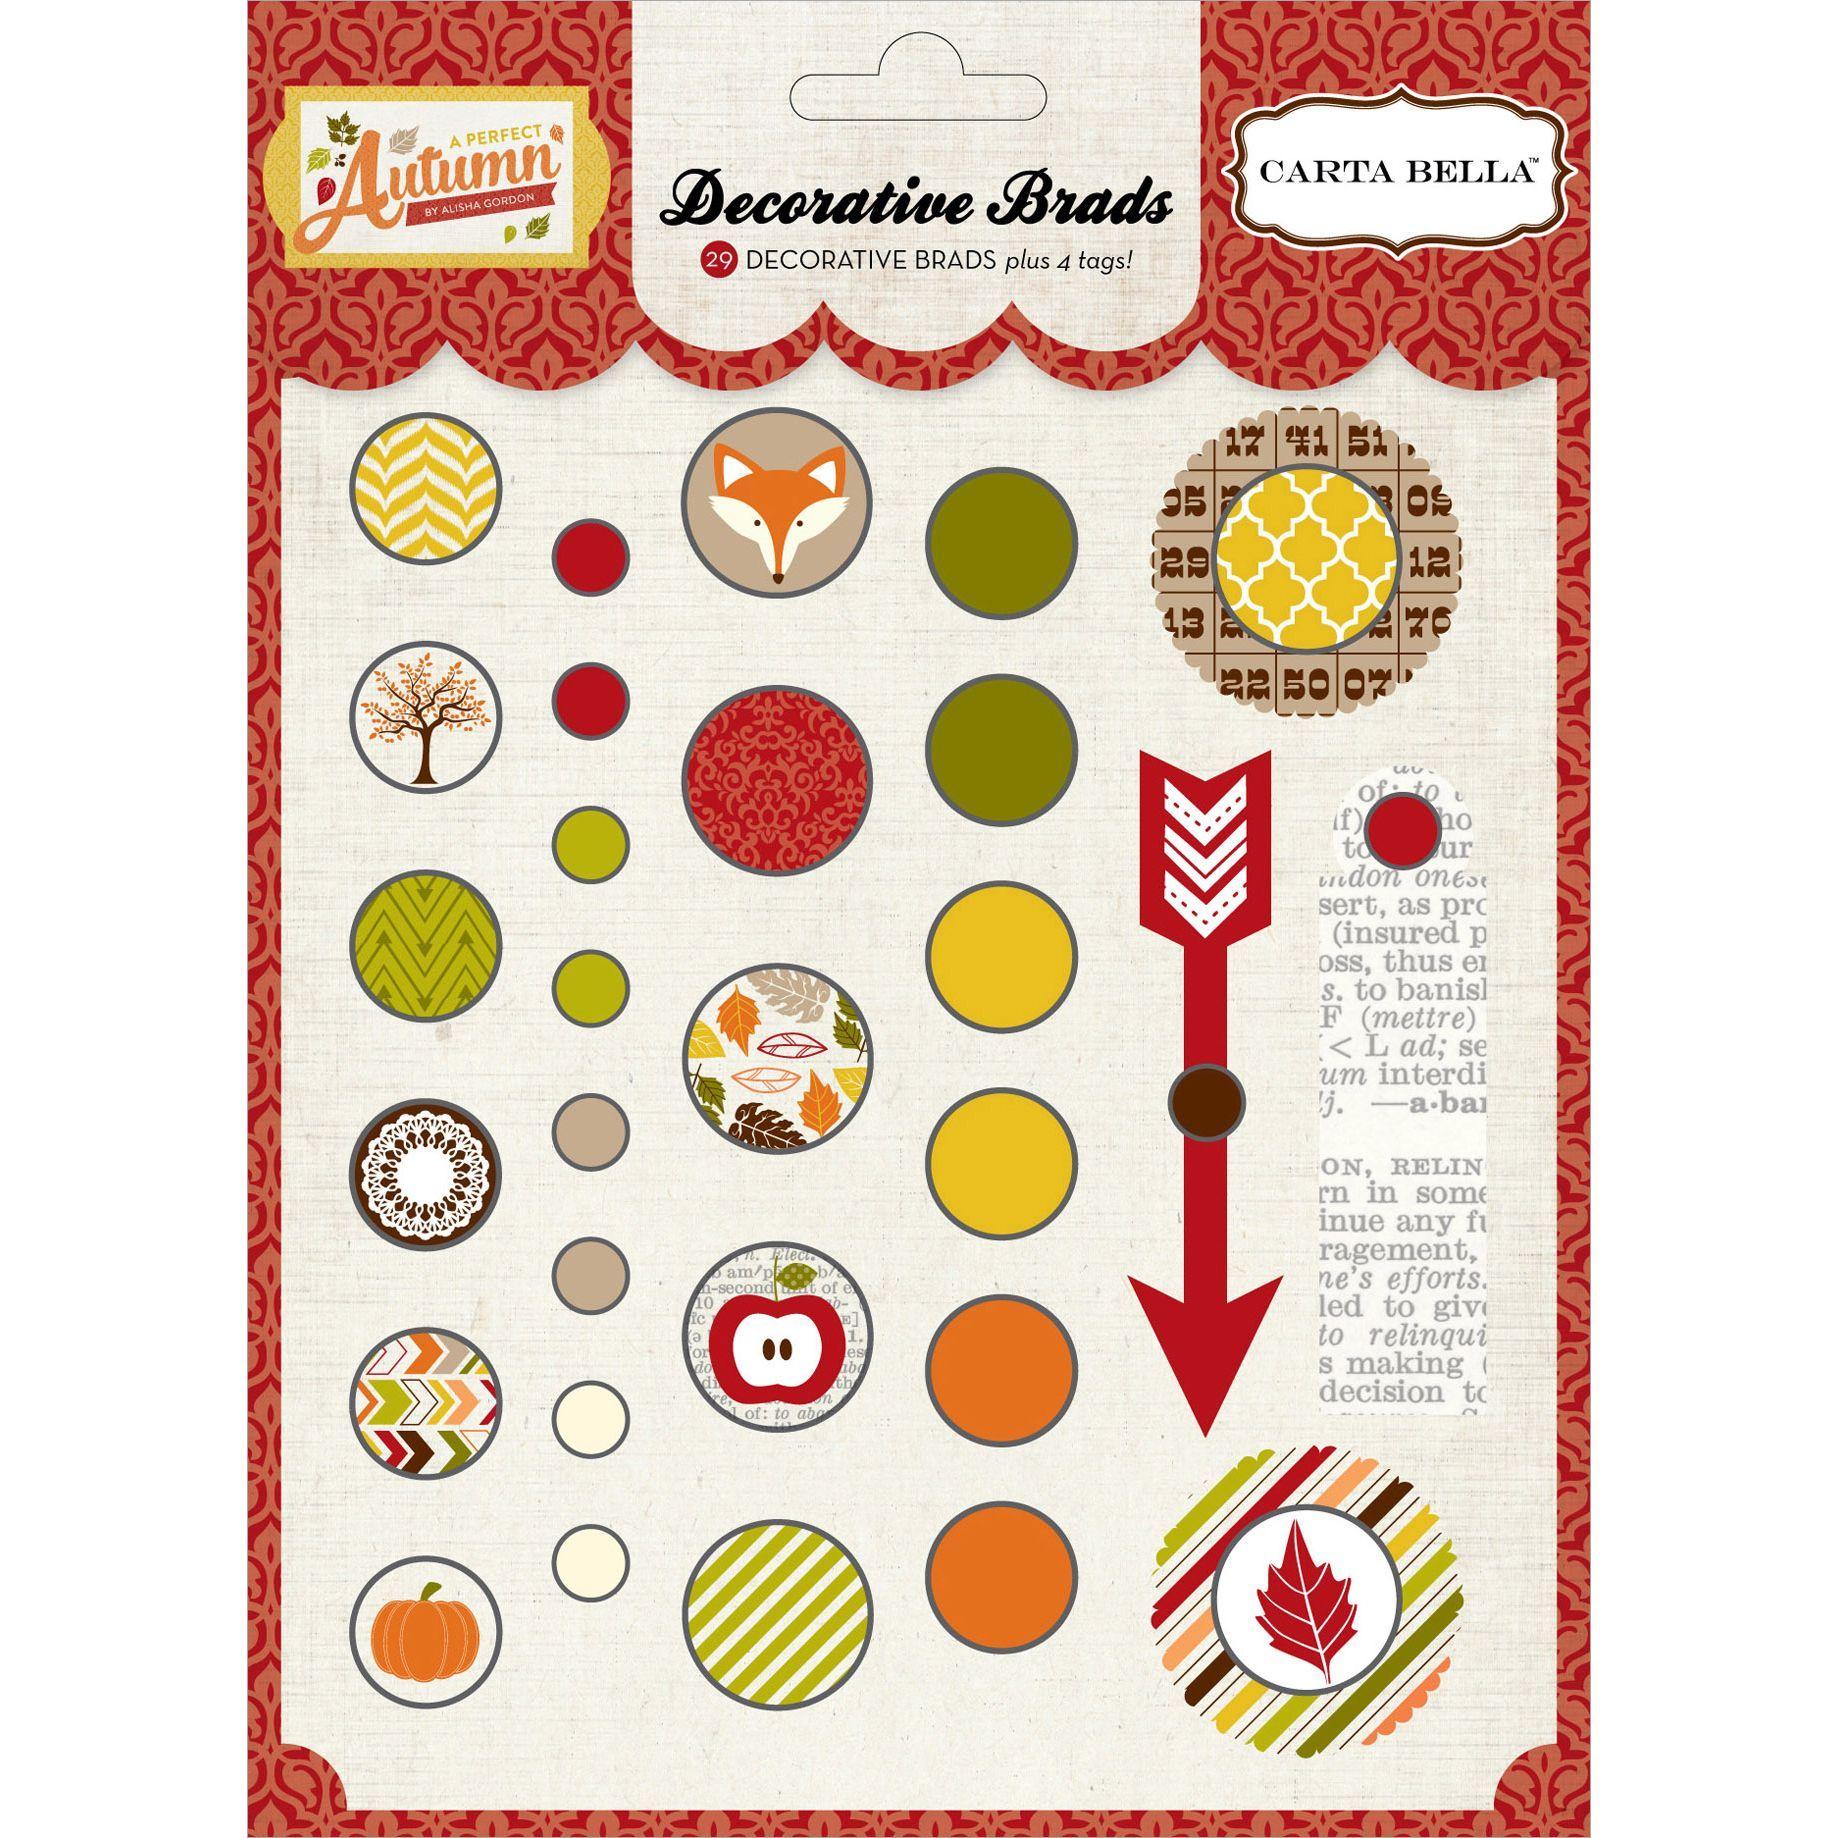 Echo Park Paper A Perfect Autumn Decorative Brads